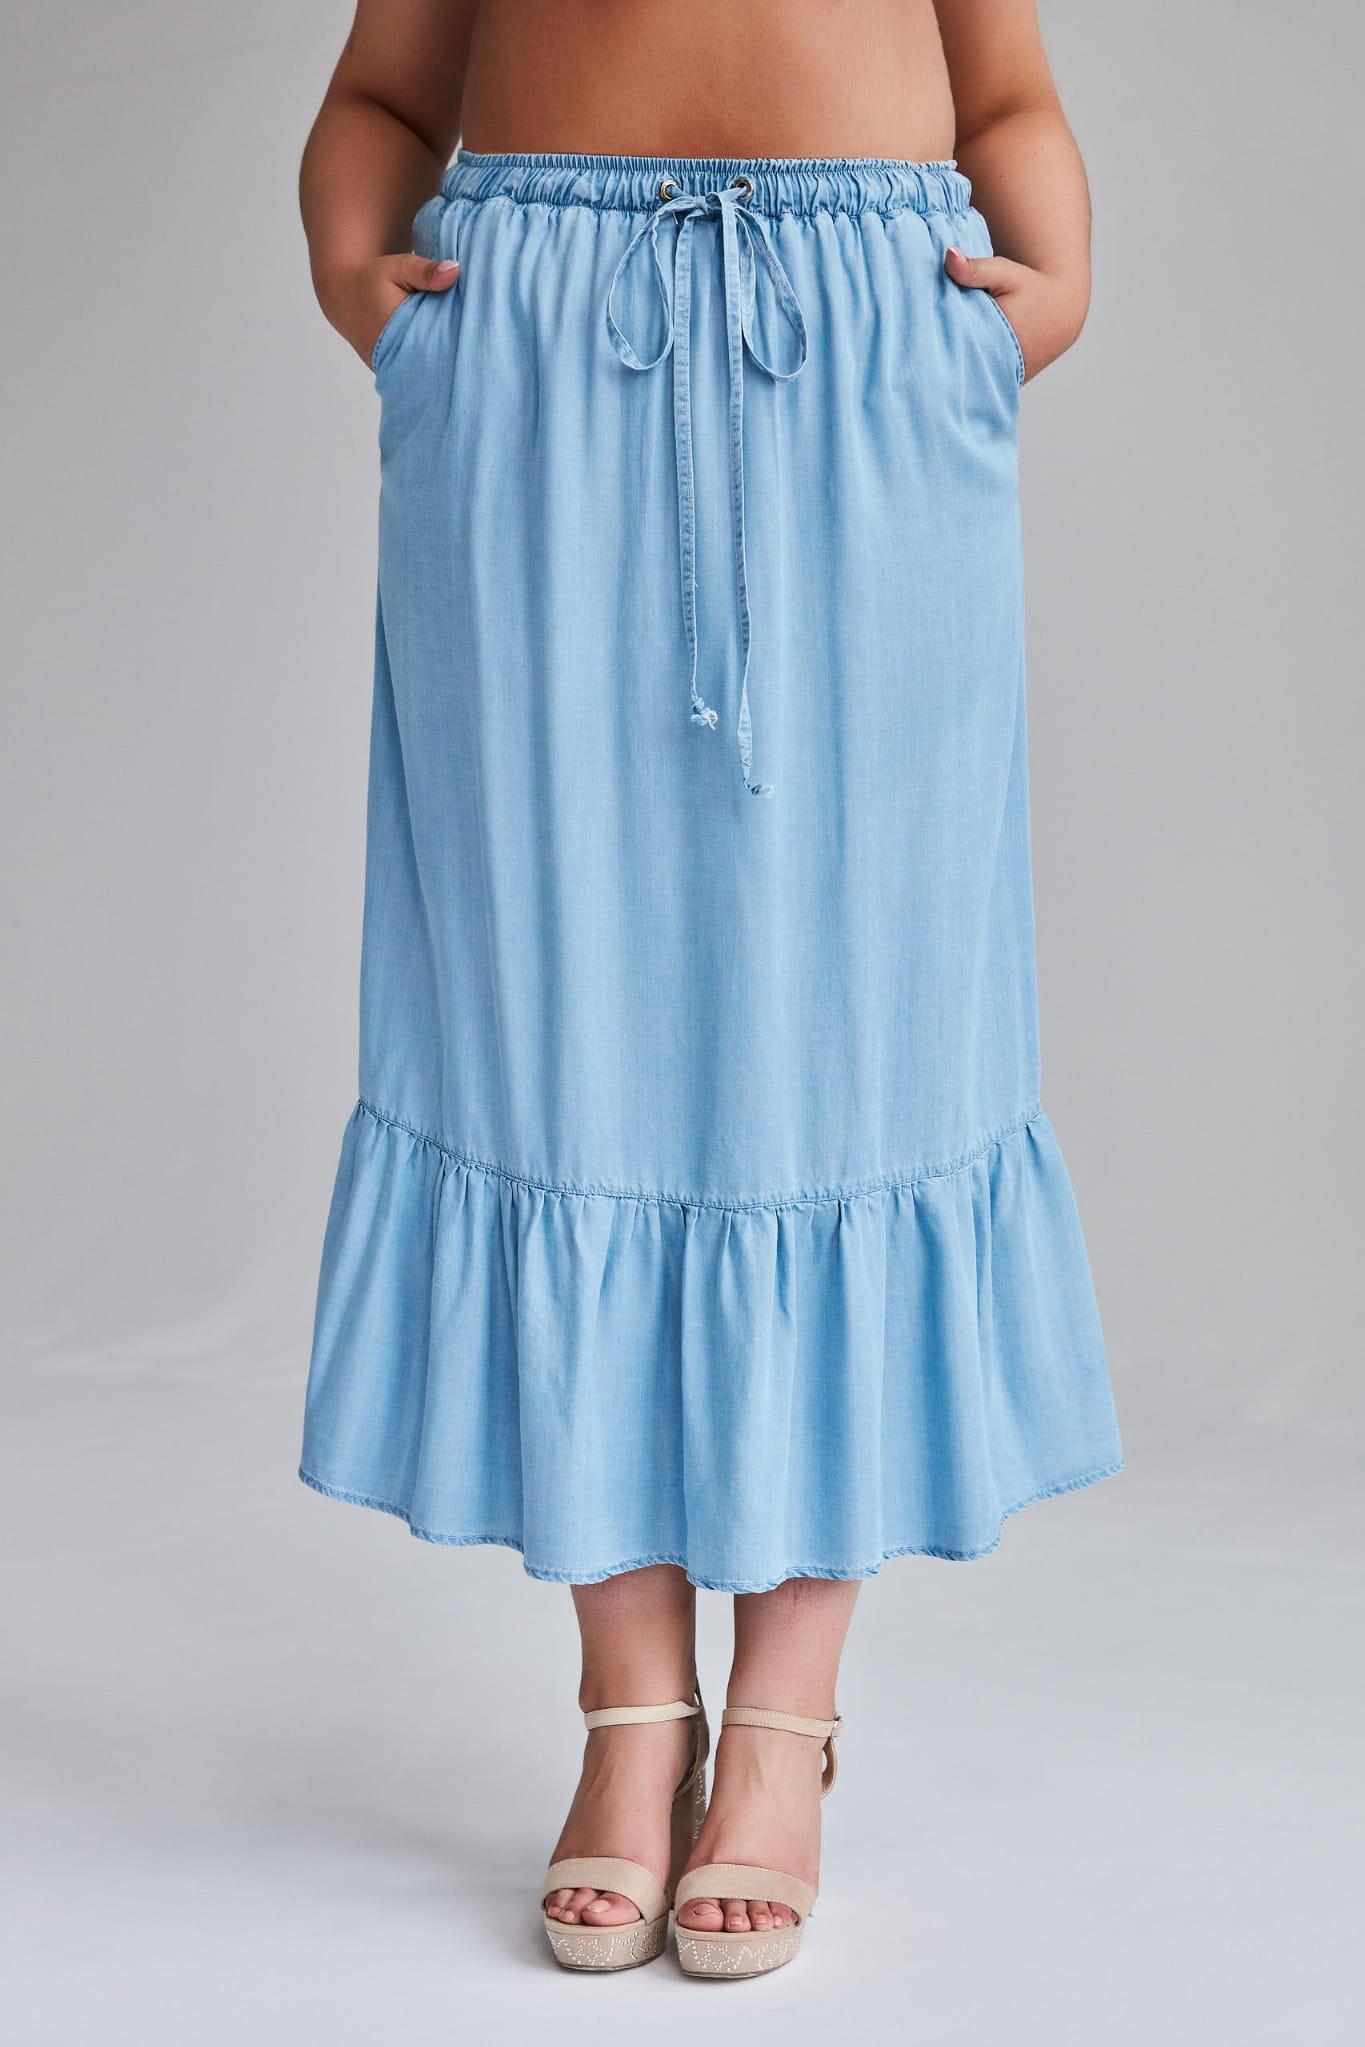 Jeansowa spódnica Dona MAXI na lato duże rozmiary OVERSIZE PLUS SIZE